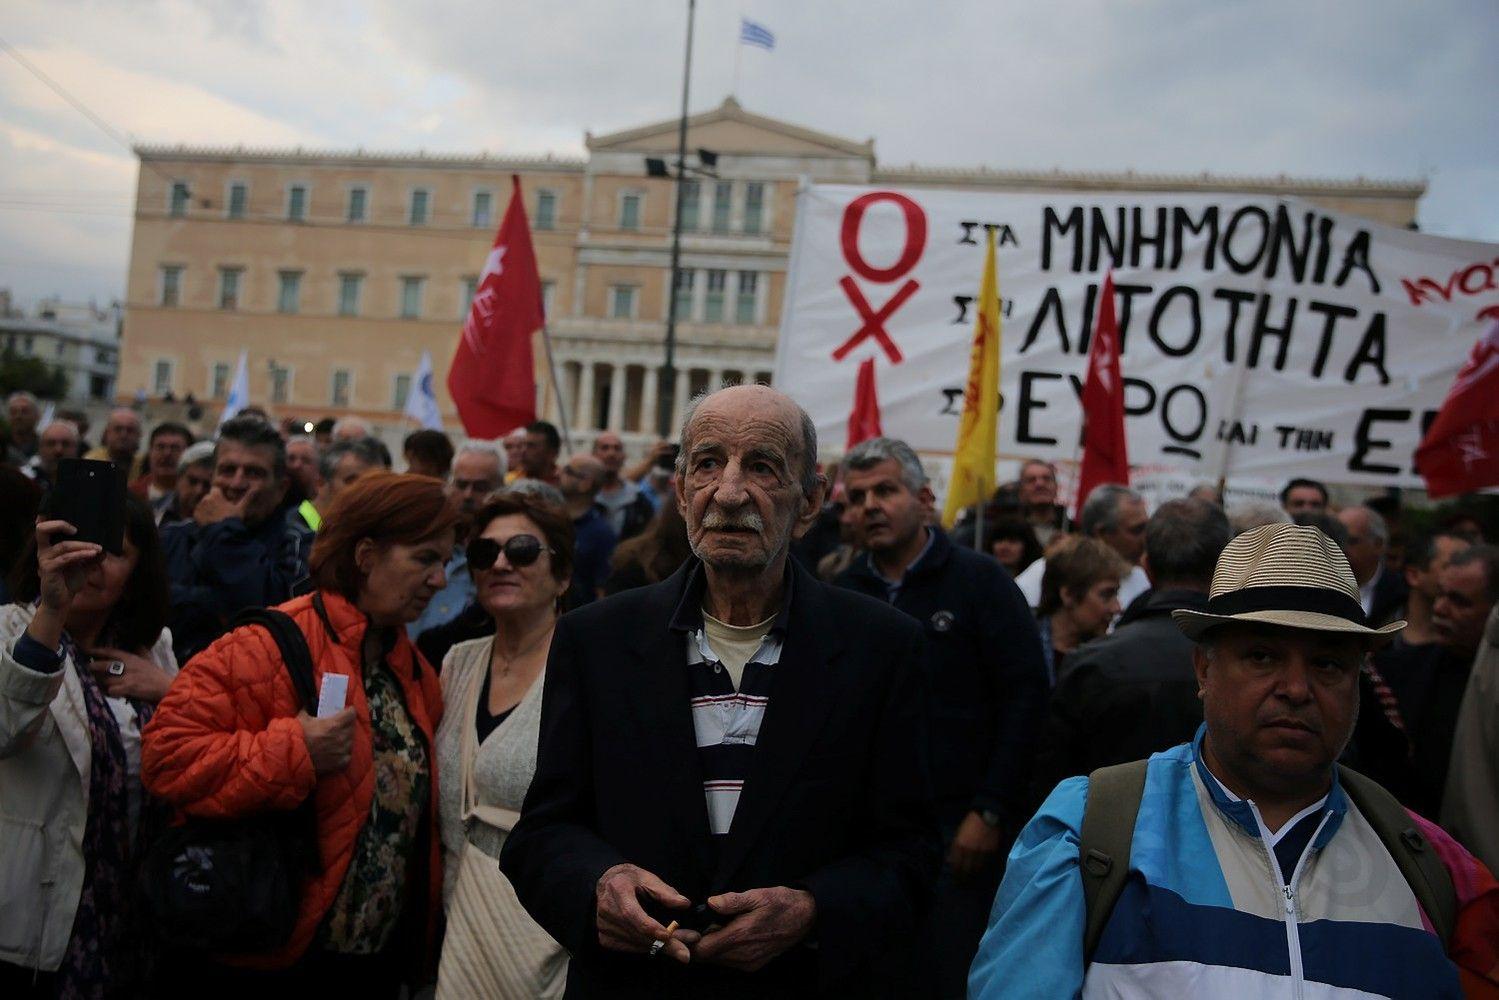 Graikija sutiko taupyti toliau, tikisi skolų sumažinimo